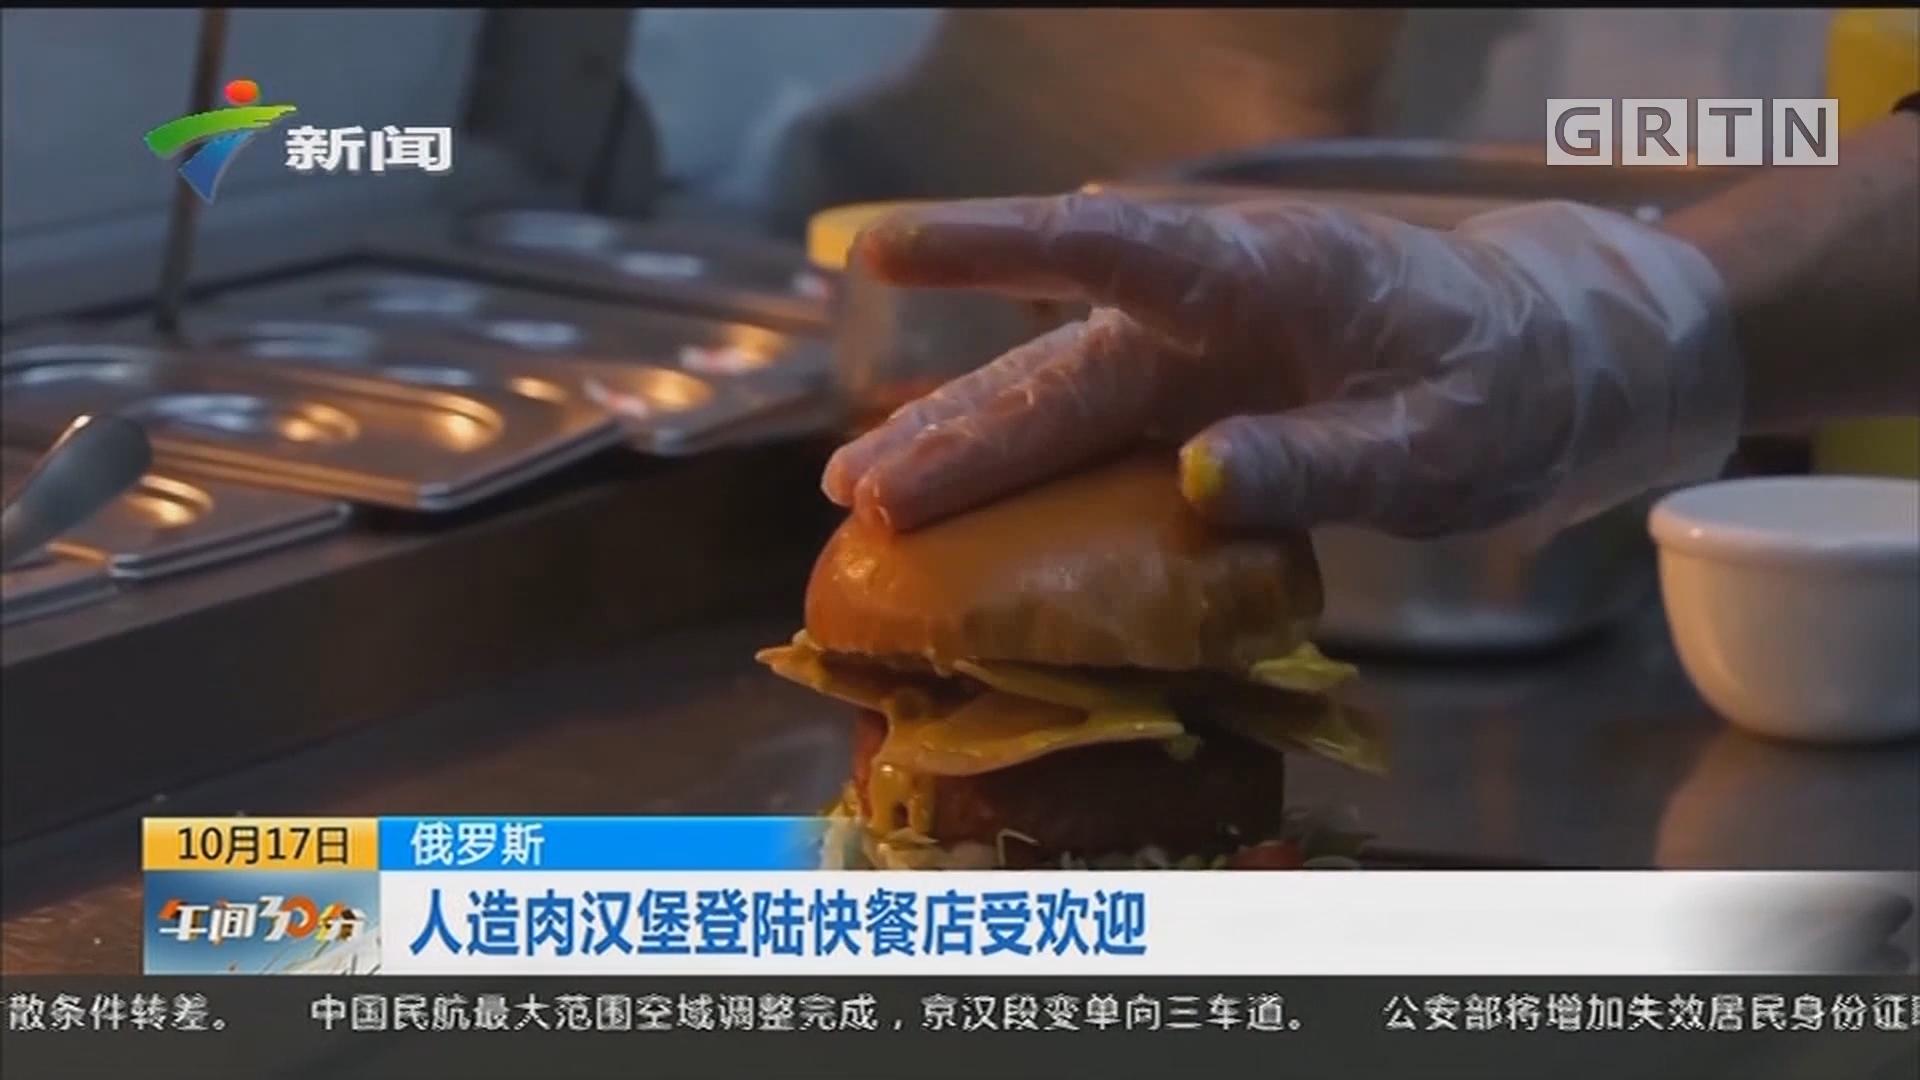 俄罗斯:人造肉汉堡登陆快餐店受欢迎